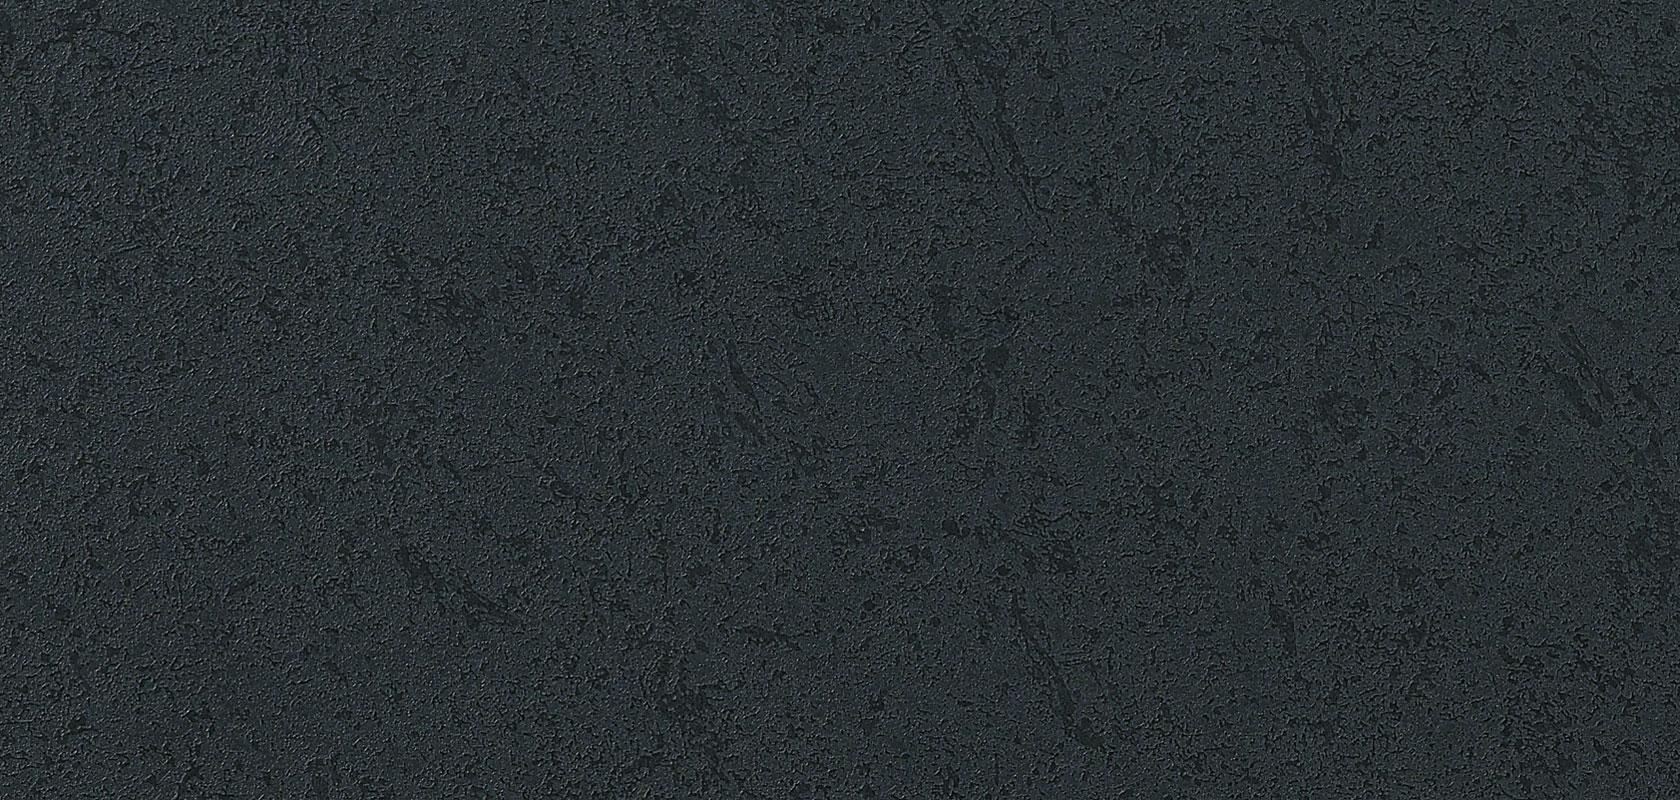 Full Size of Nobilia Wandabschlussleiste Arbeitsplatten Im Berblick Kchen Küche Einbauküche Wohnzimmer Nobilia Wandabschlussleiste